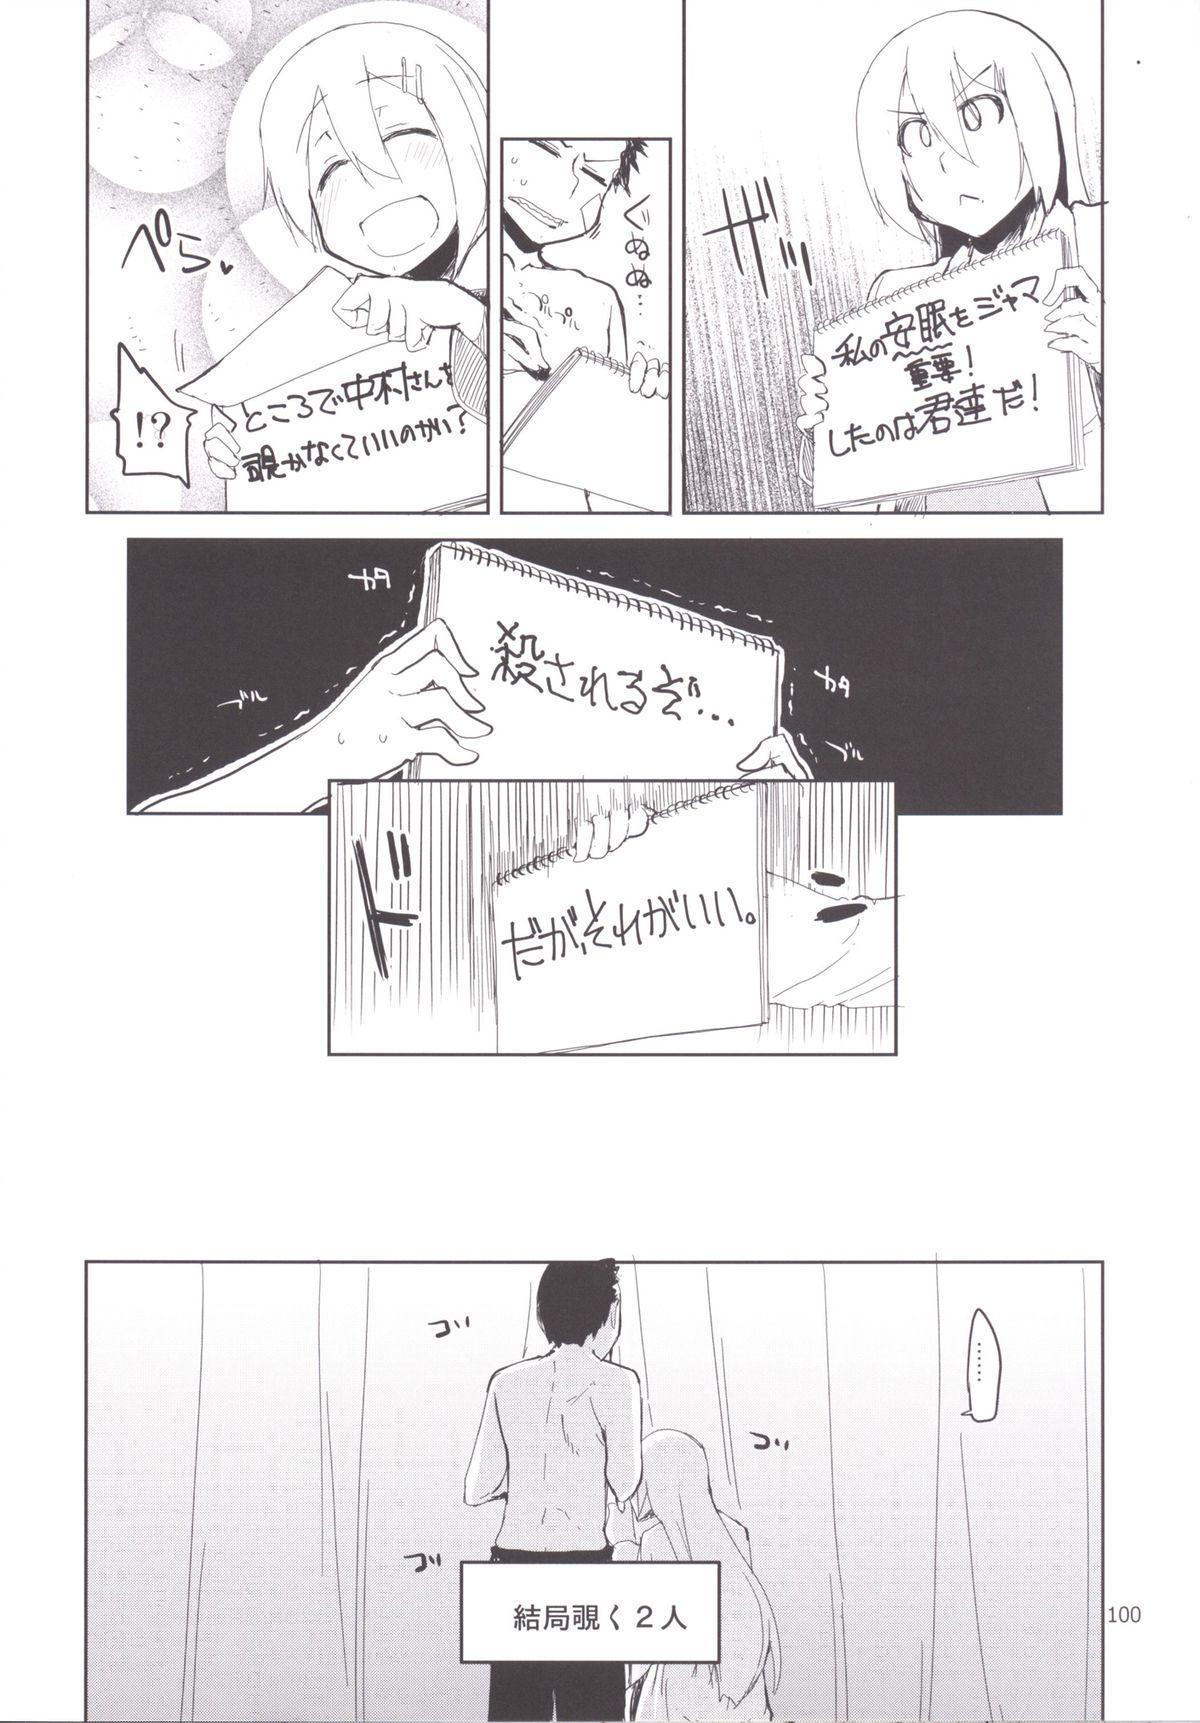 Natsuzuka-san no Himitsu. Soushuuhen Kouhen 3